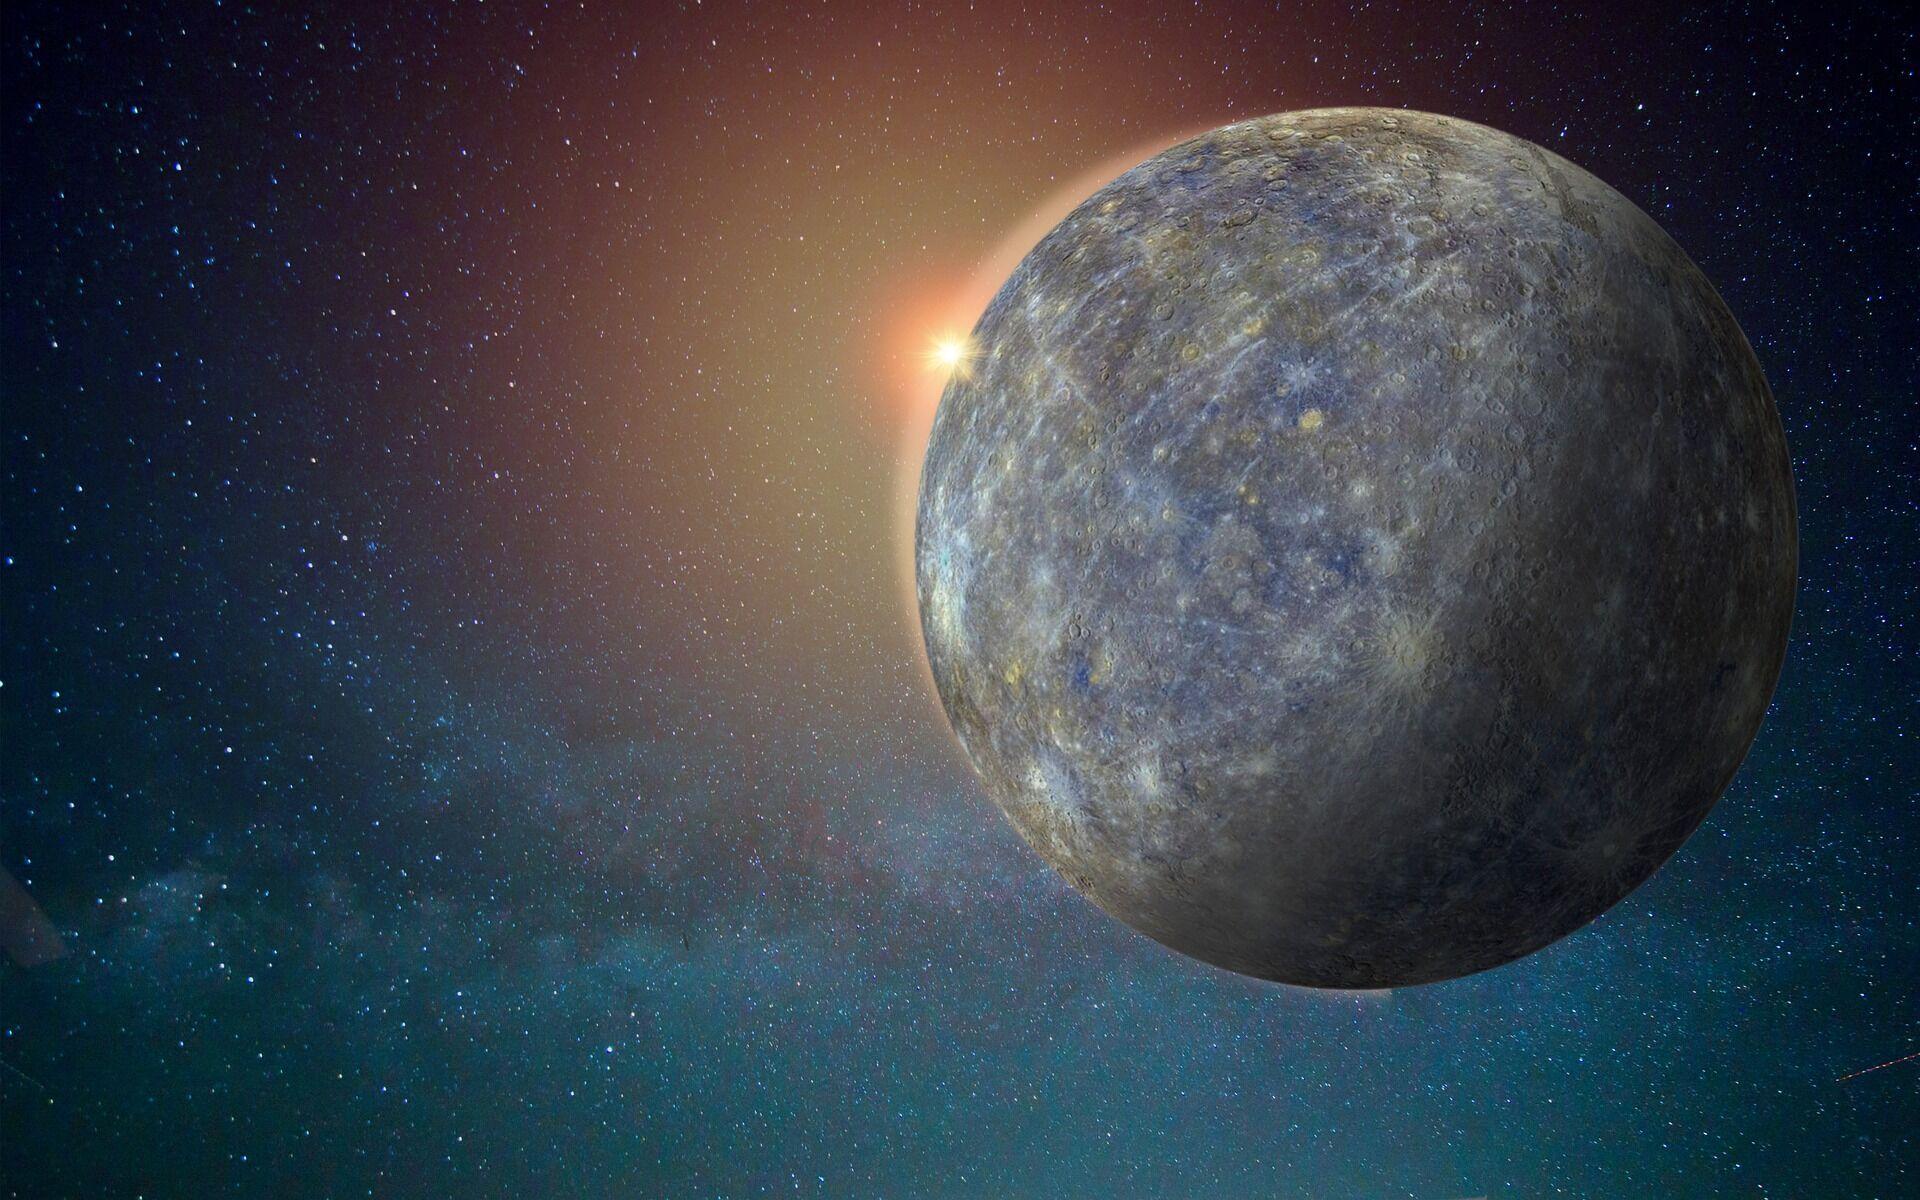 Ретроградный Меркурий – это оптическая иллюзия, в результате которой с Земли кажется, будто планета движется в обратном направлении